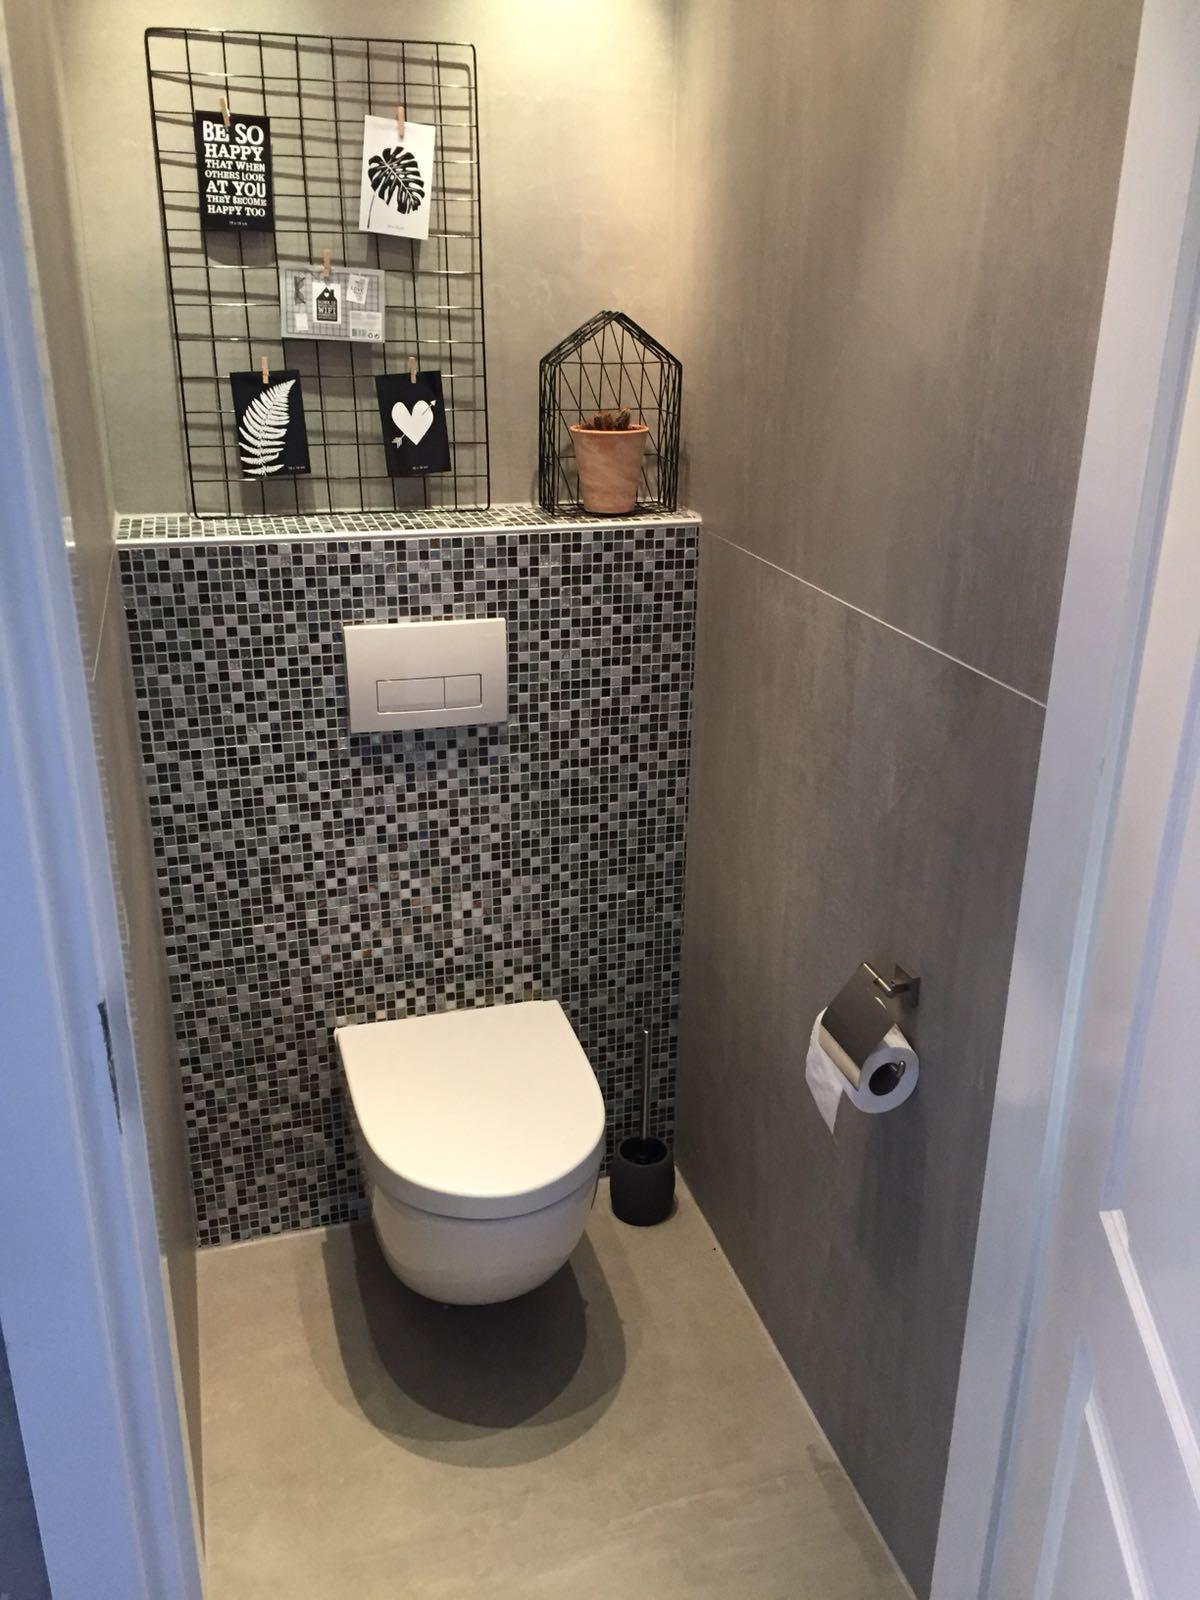 Toilet met 120x120 op de zijwanden en mozaïek op de achterwand